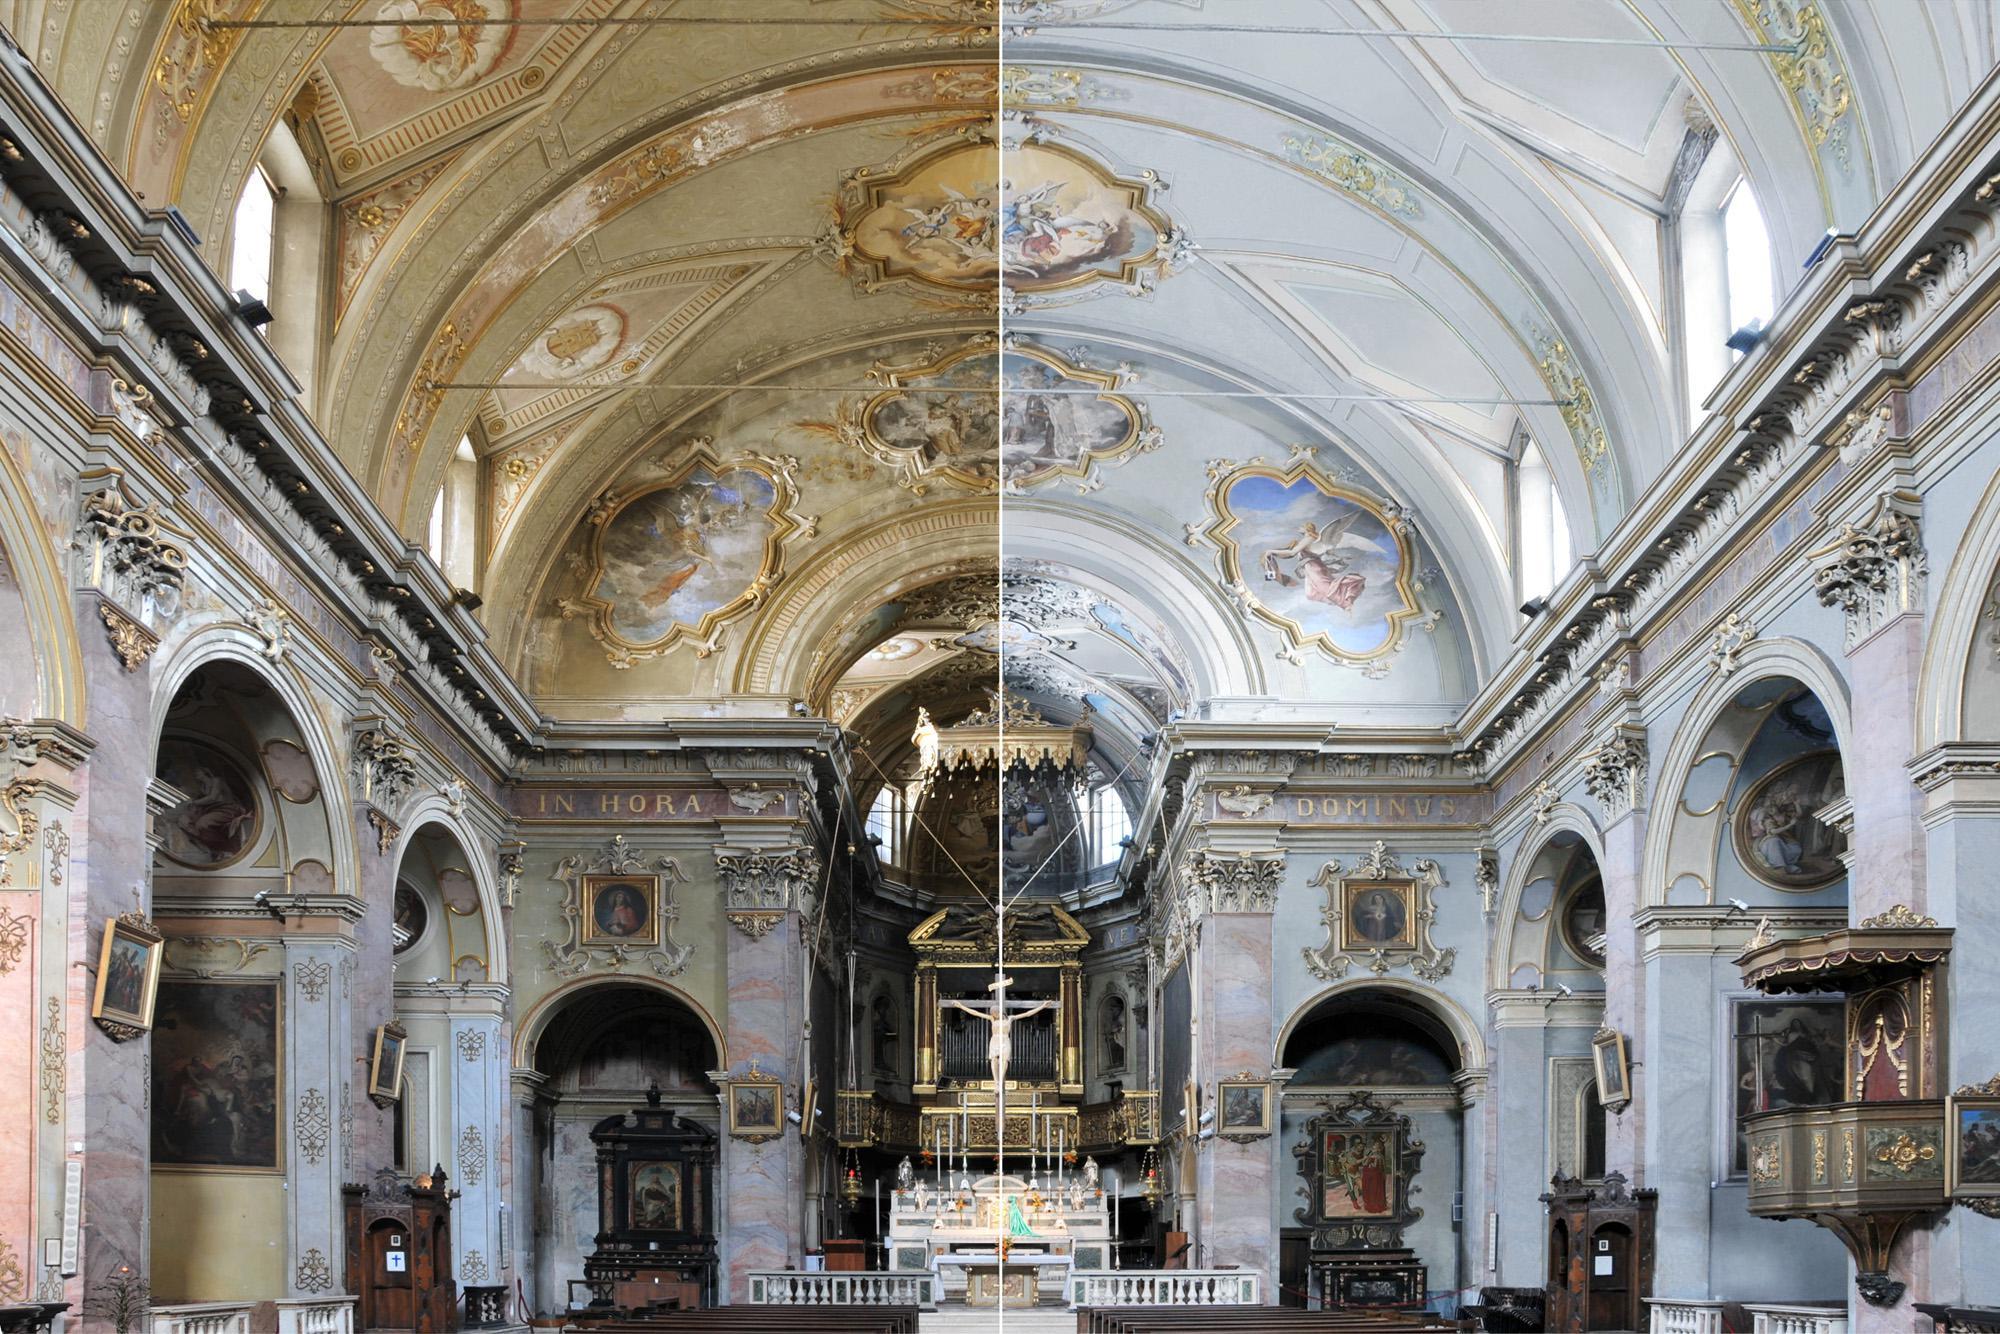 Un intervento completo di restauro per una chiesa di grande valore artistico marco paolo - Restauro immobili ...